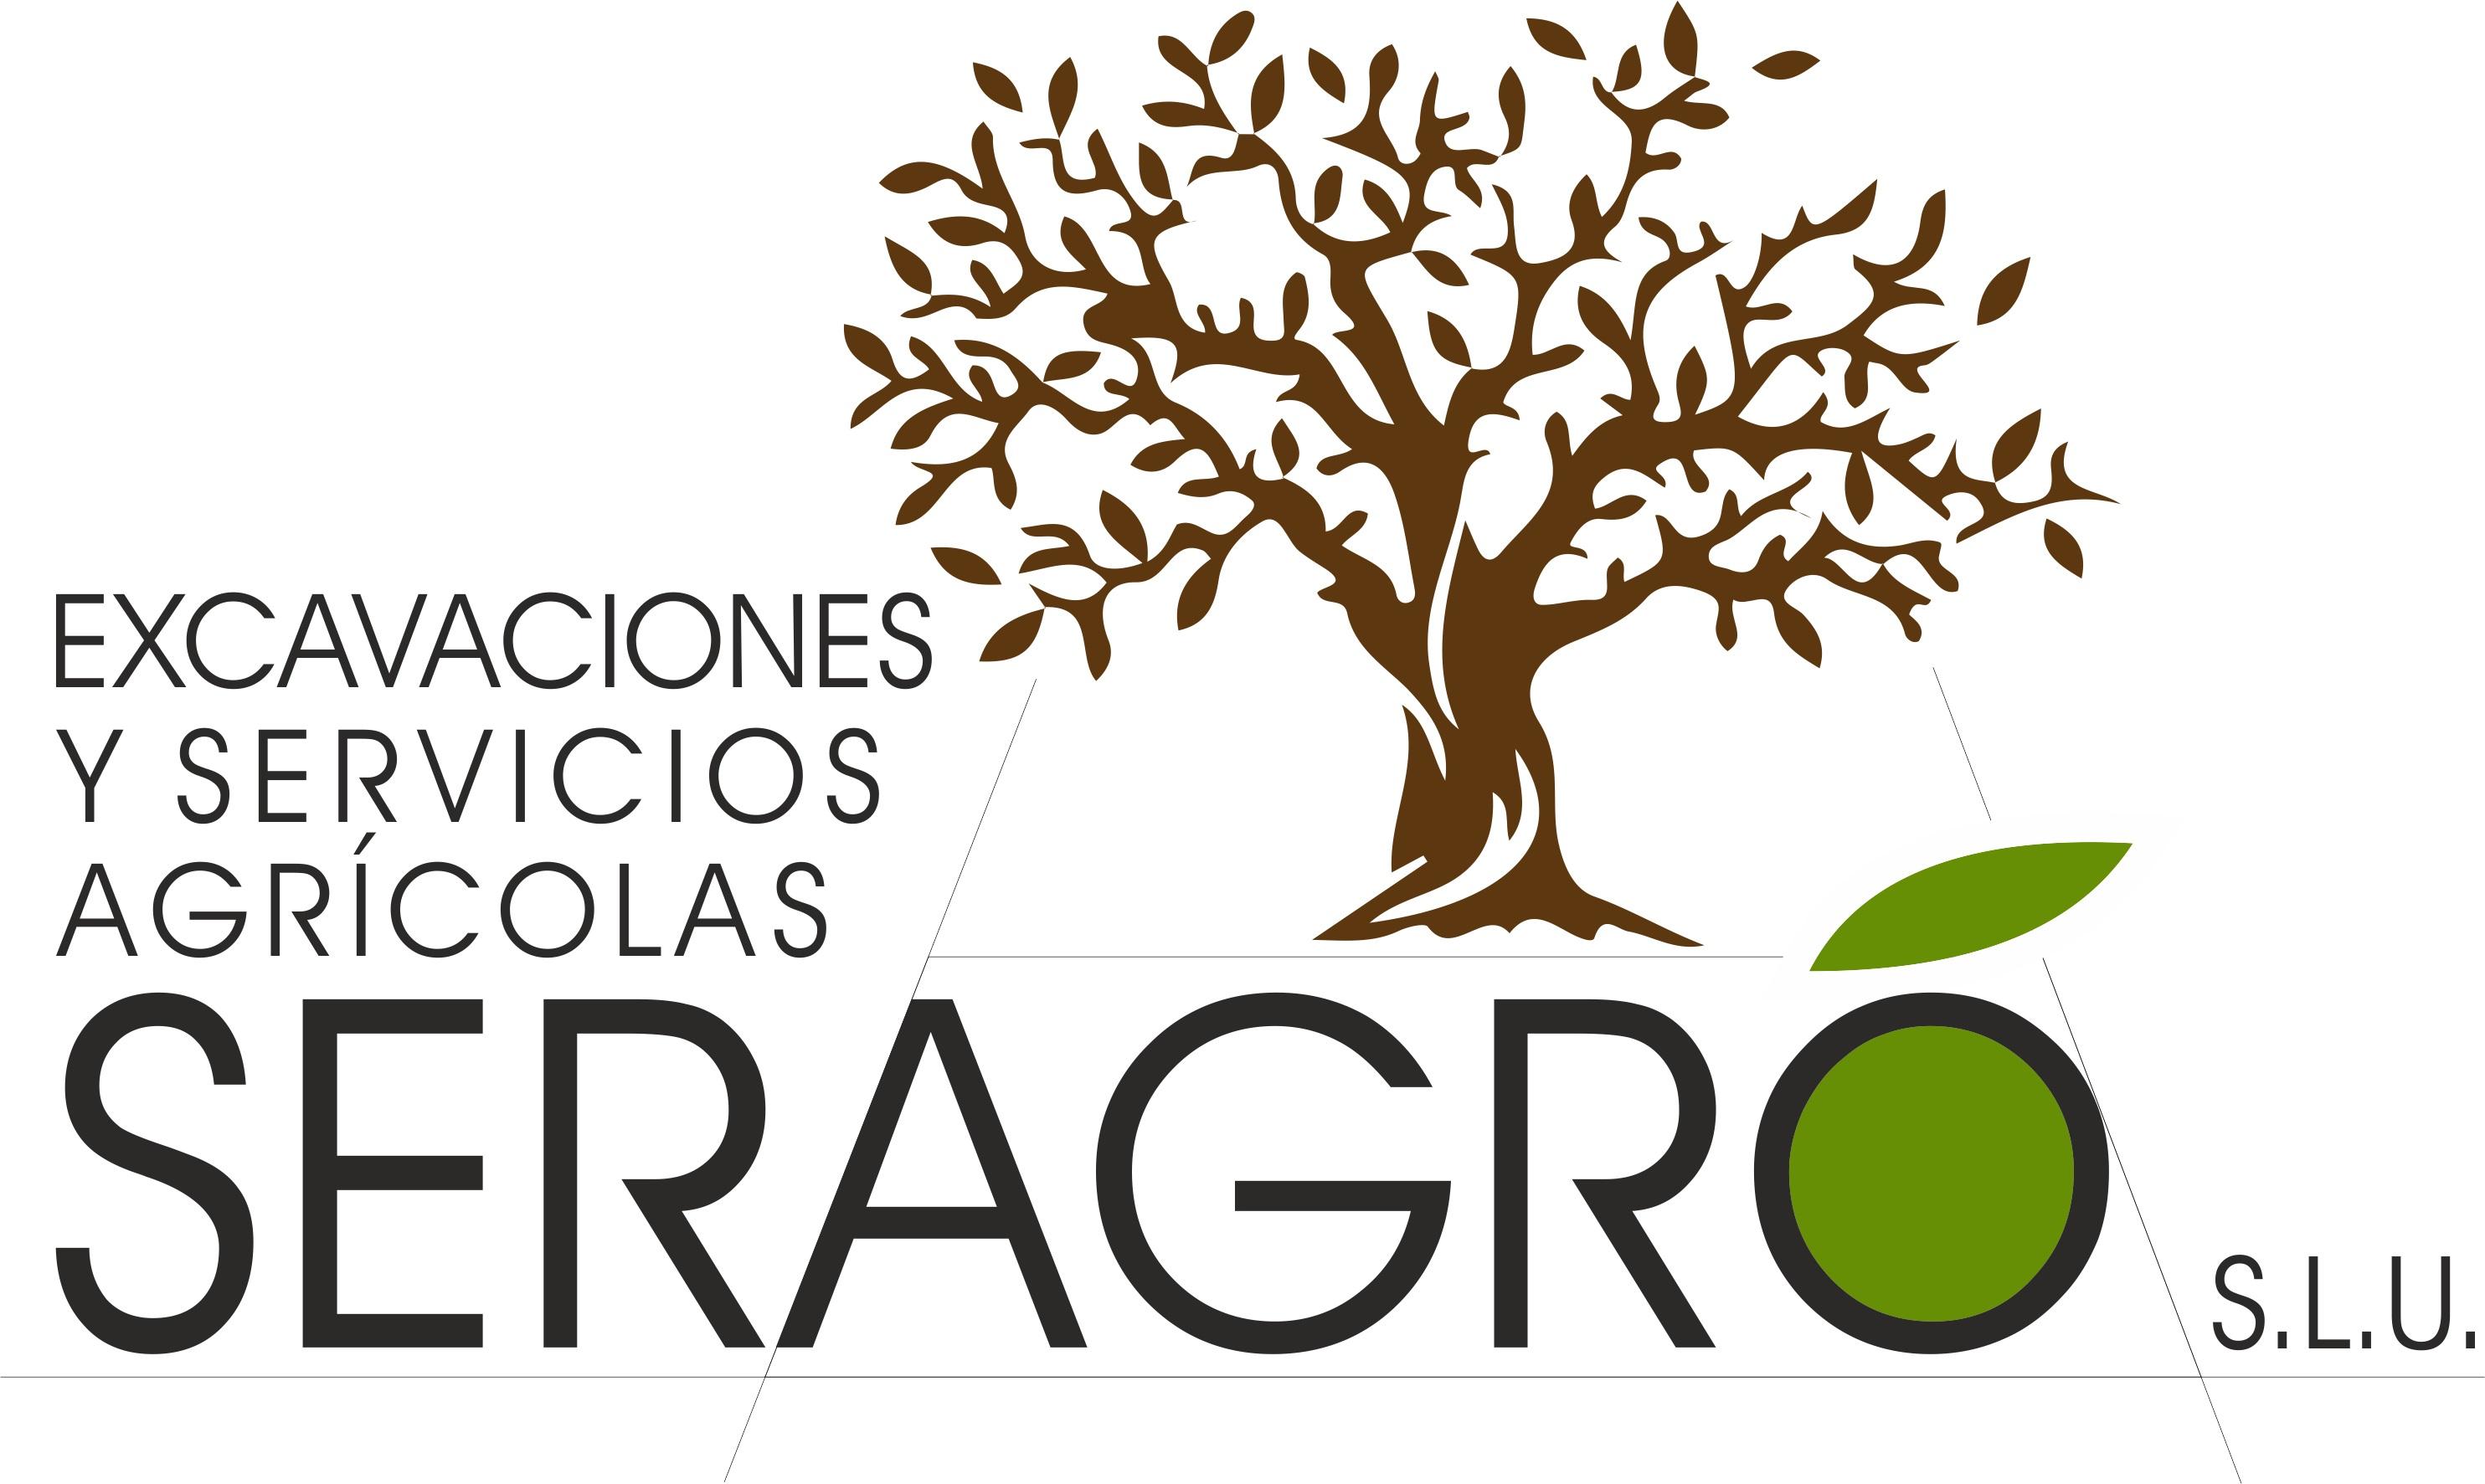 Excavaciones - Servicios Agrícolas Y Riegos Seragro Úbeda